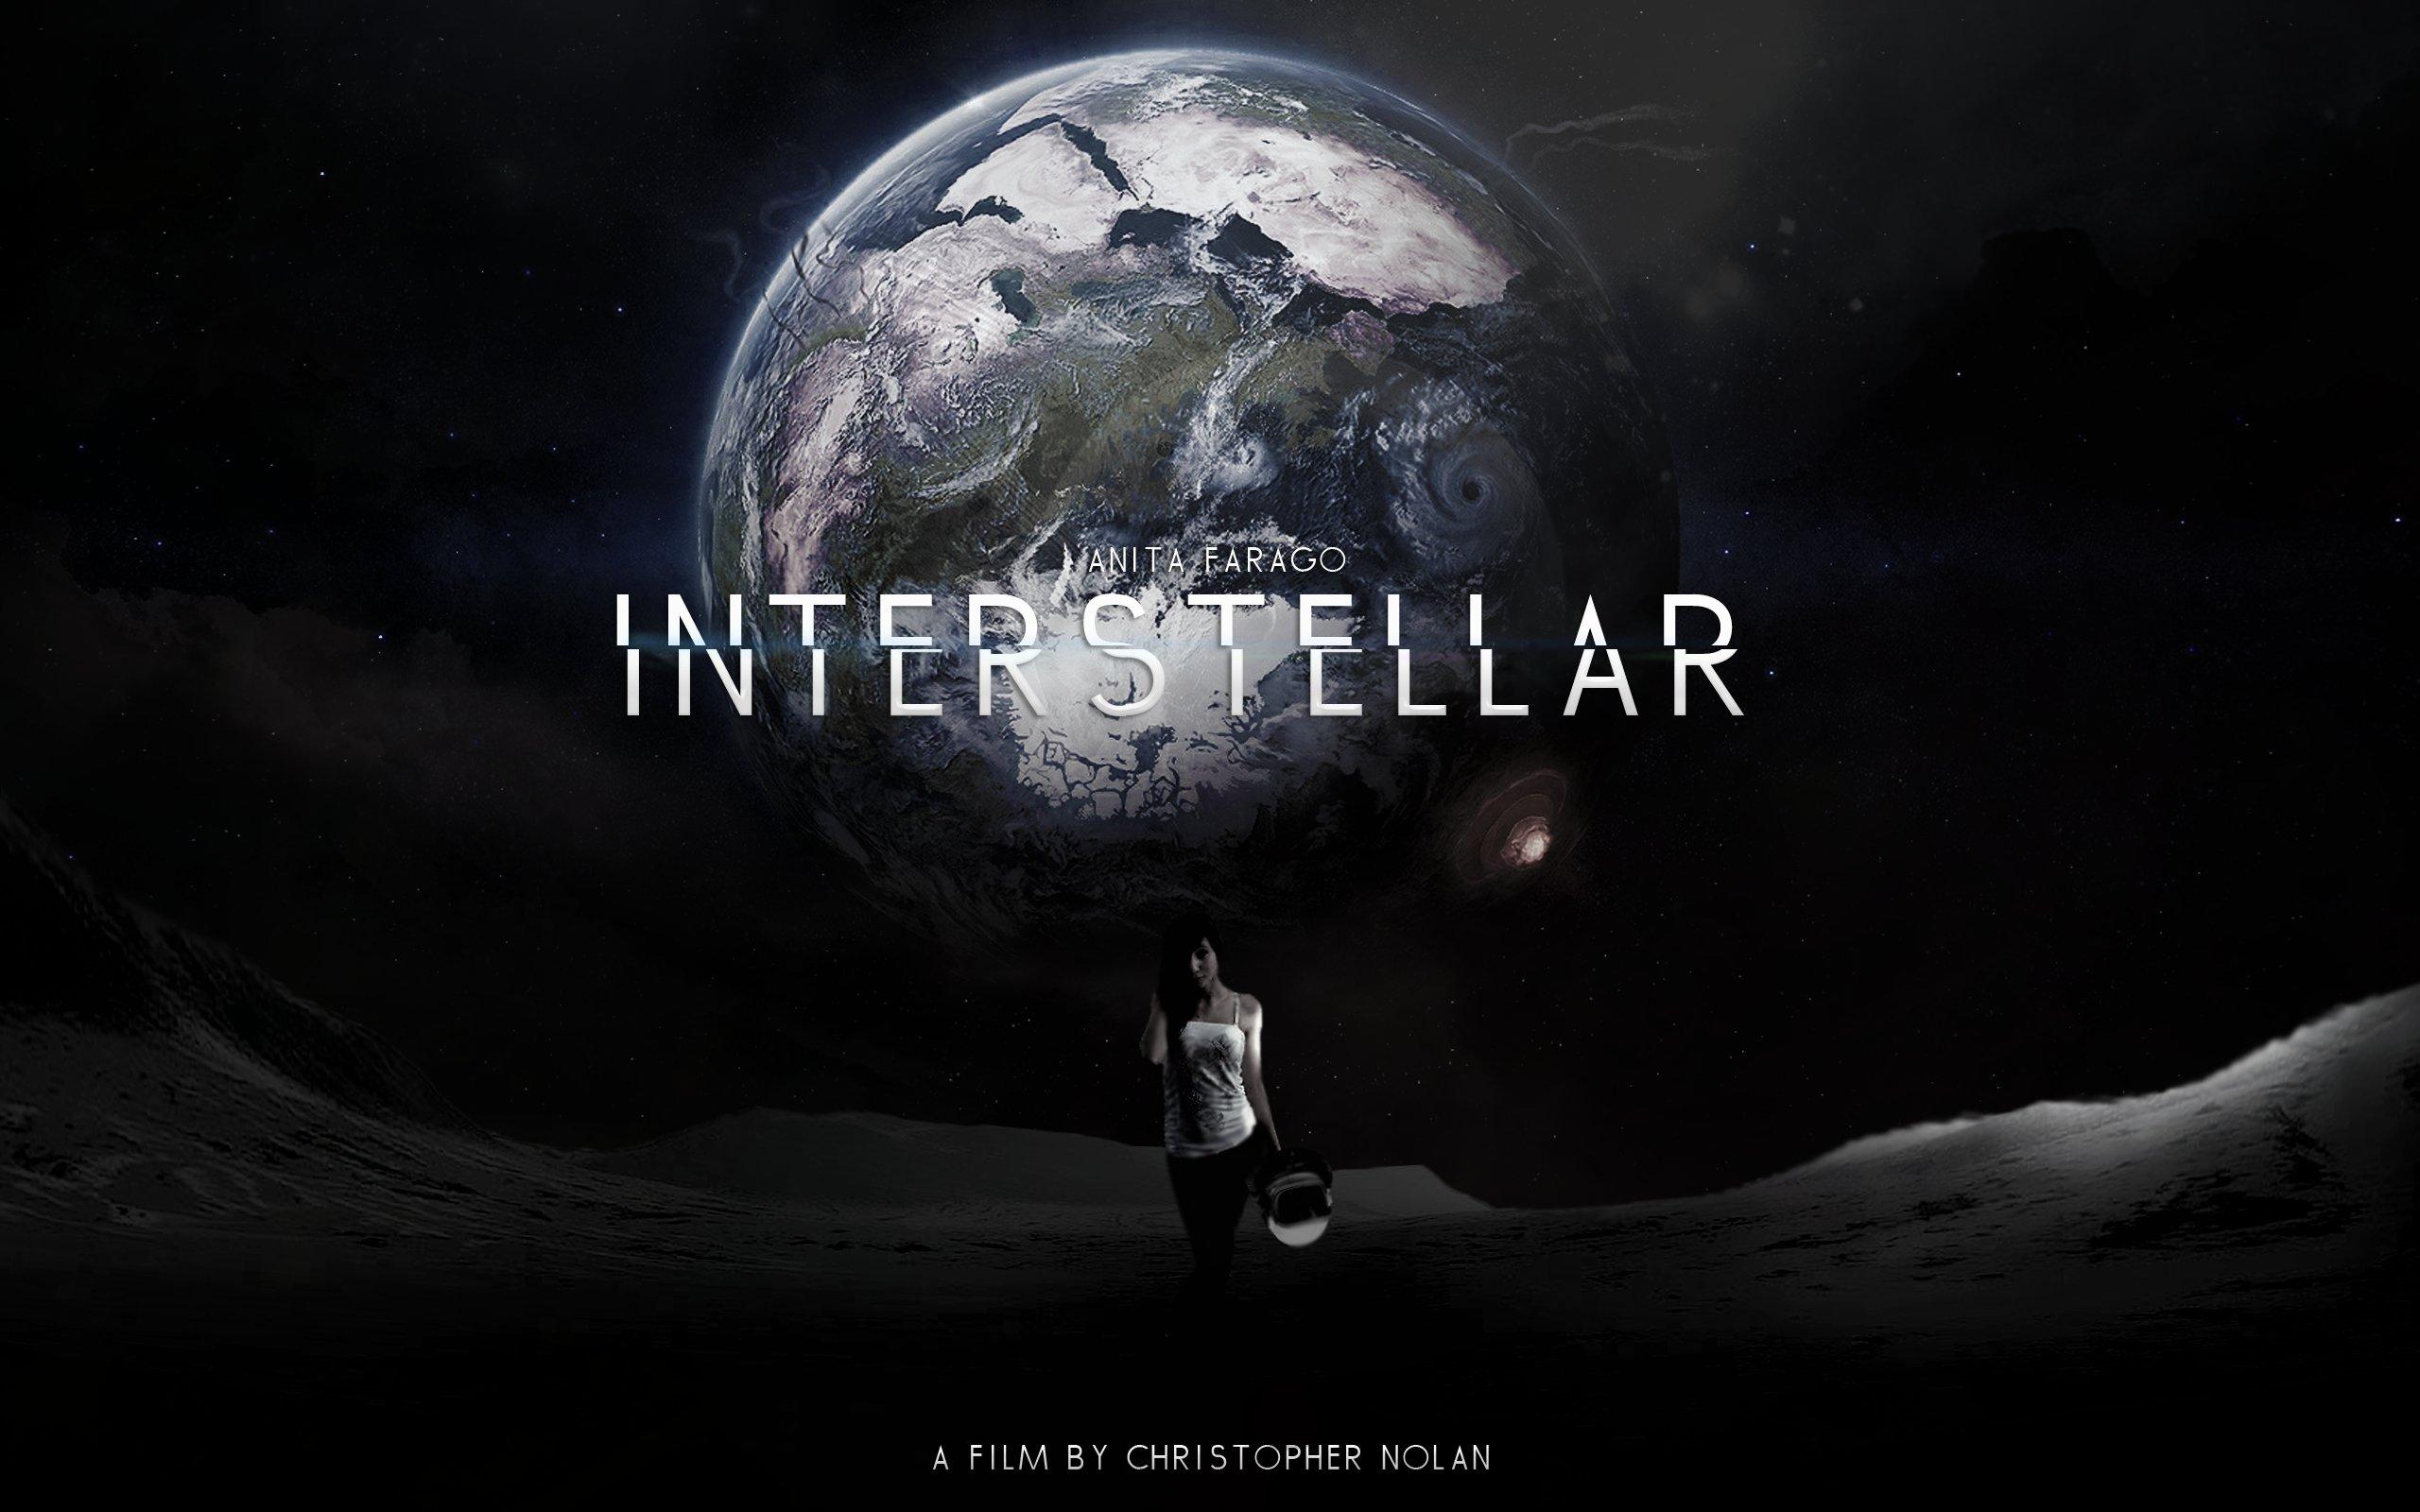 Interstellar Movie Wallpaper Interstellar Sci-fi Adventure